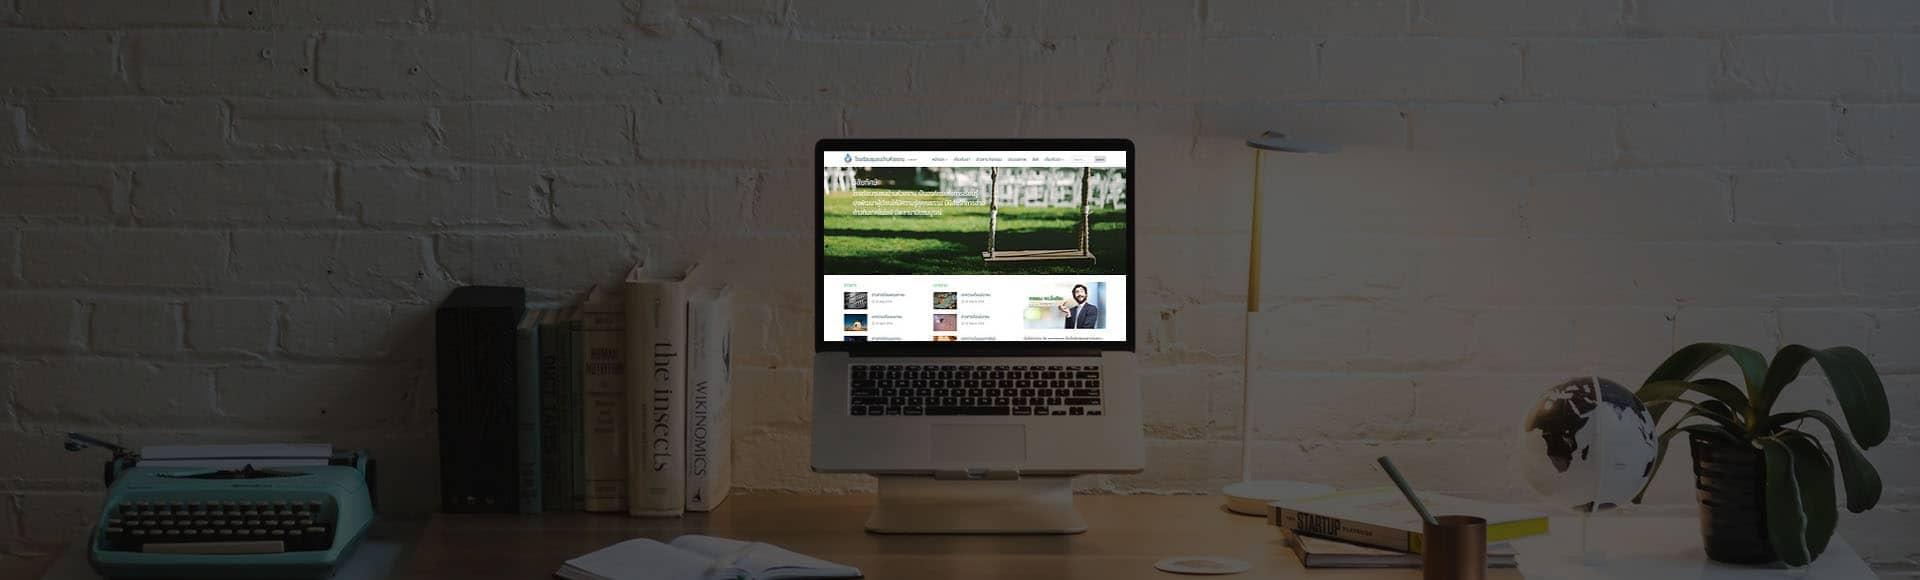 ผลงานทำไซต์โรงเรียนชุมชนบ้านห้วยลาน | บริการรับทำเว็บไซต์ ออกแบบเว็บไซต์